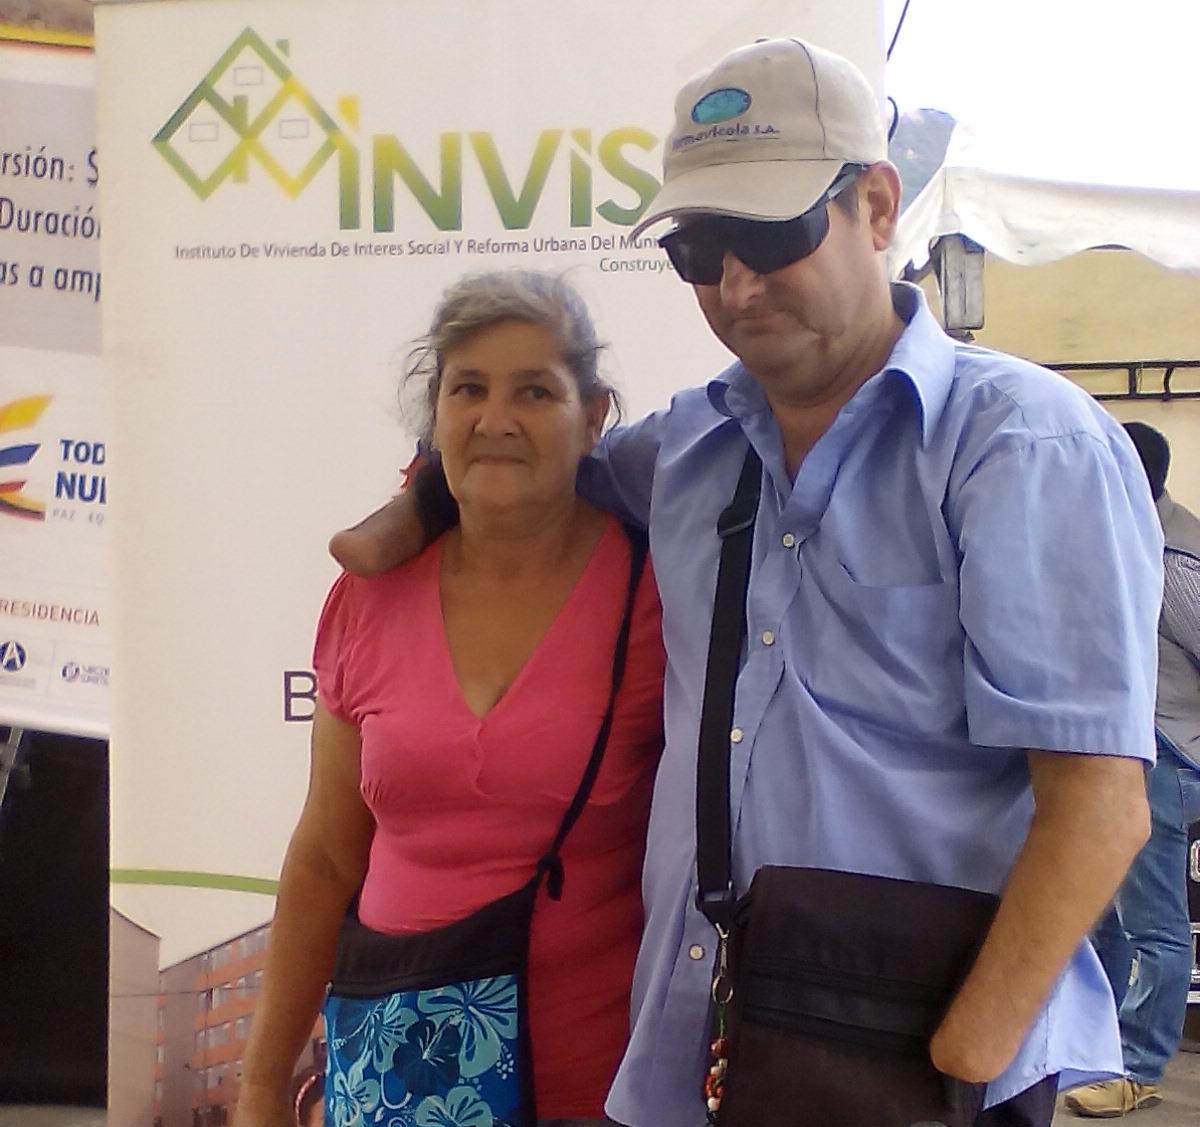 Heriberto Prada, sobreviviente de mina antipersonal, con su hermana durante la ceremonia de entrega de las viviendas de interés social La Inmaculada en Bucaramanga (Santander)